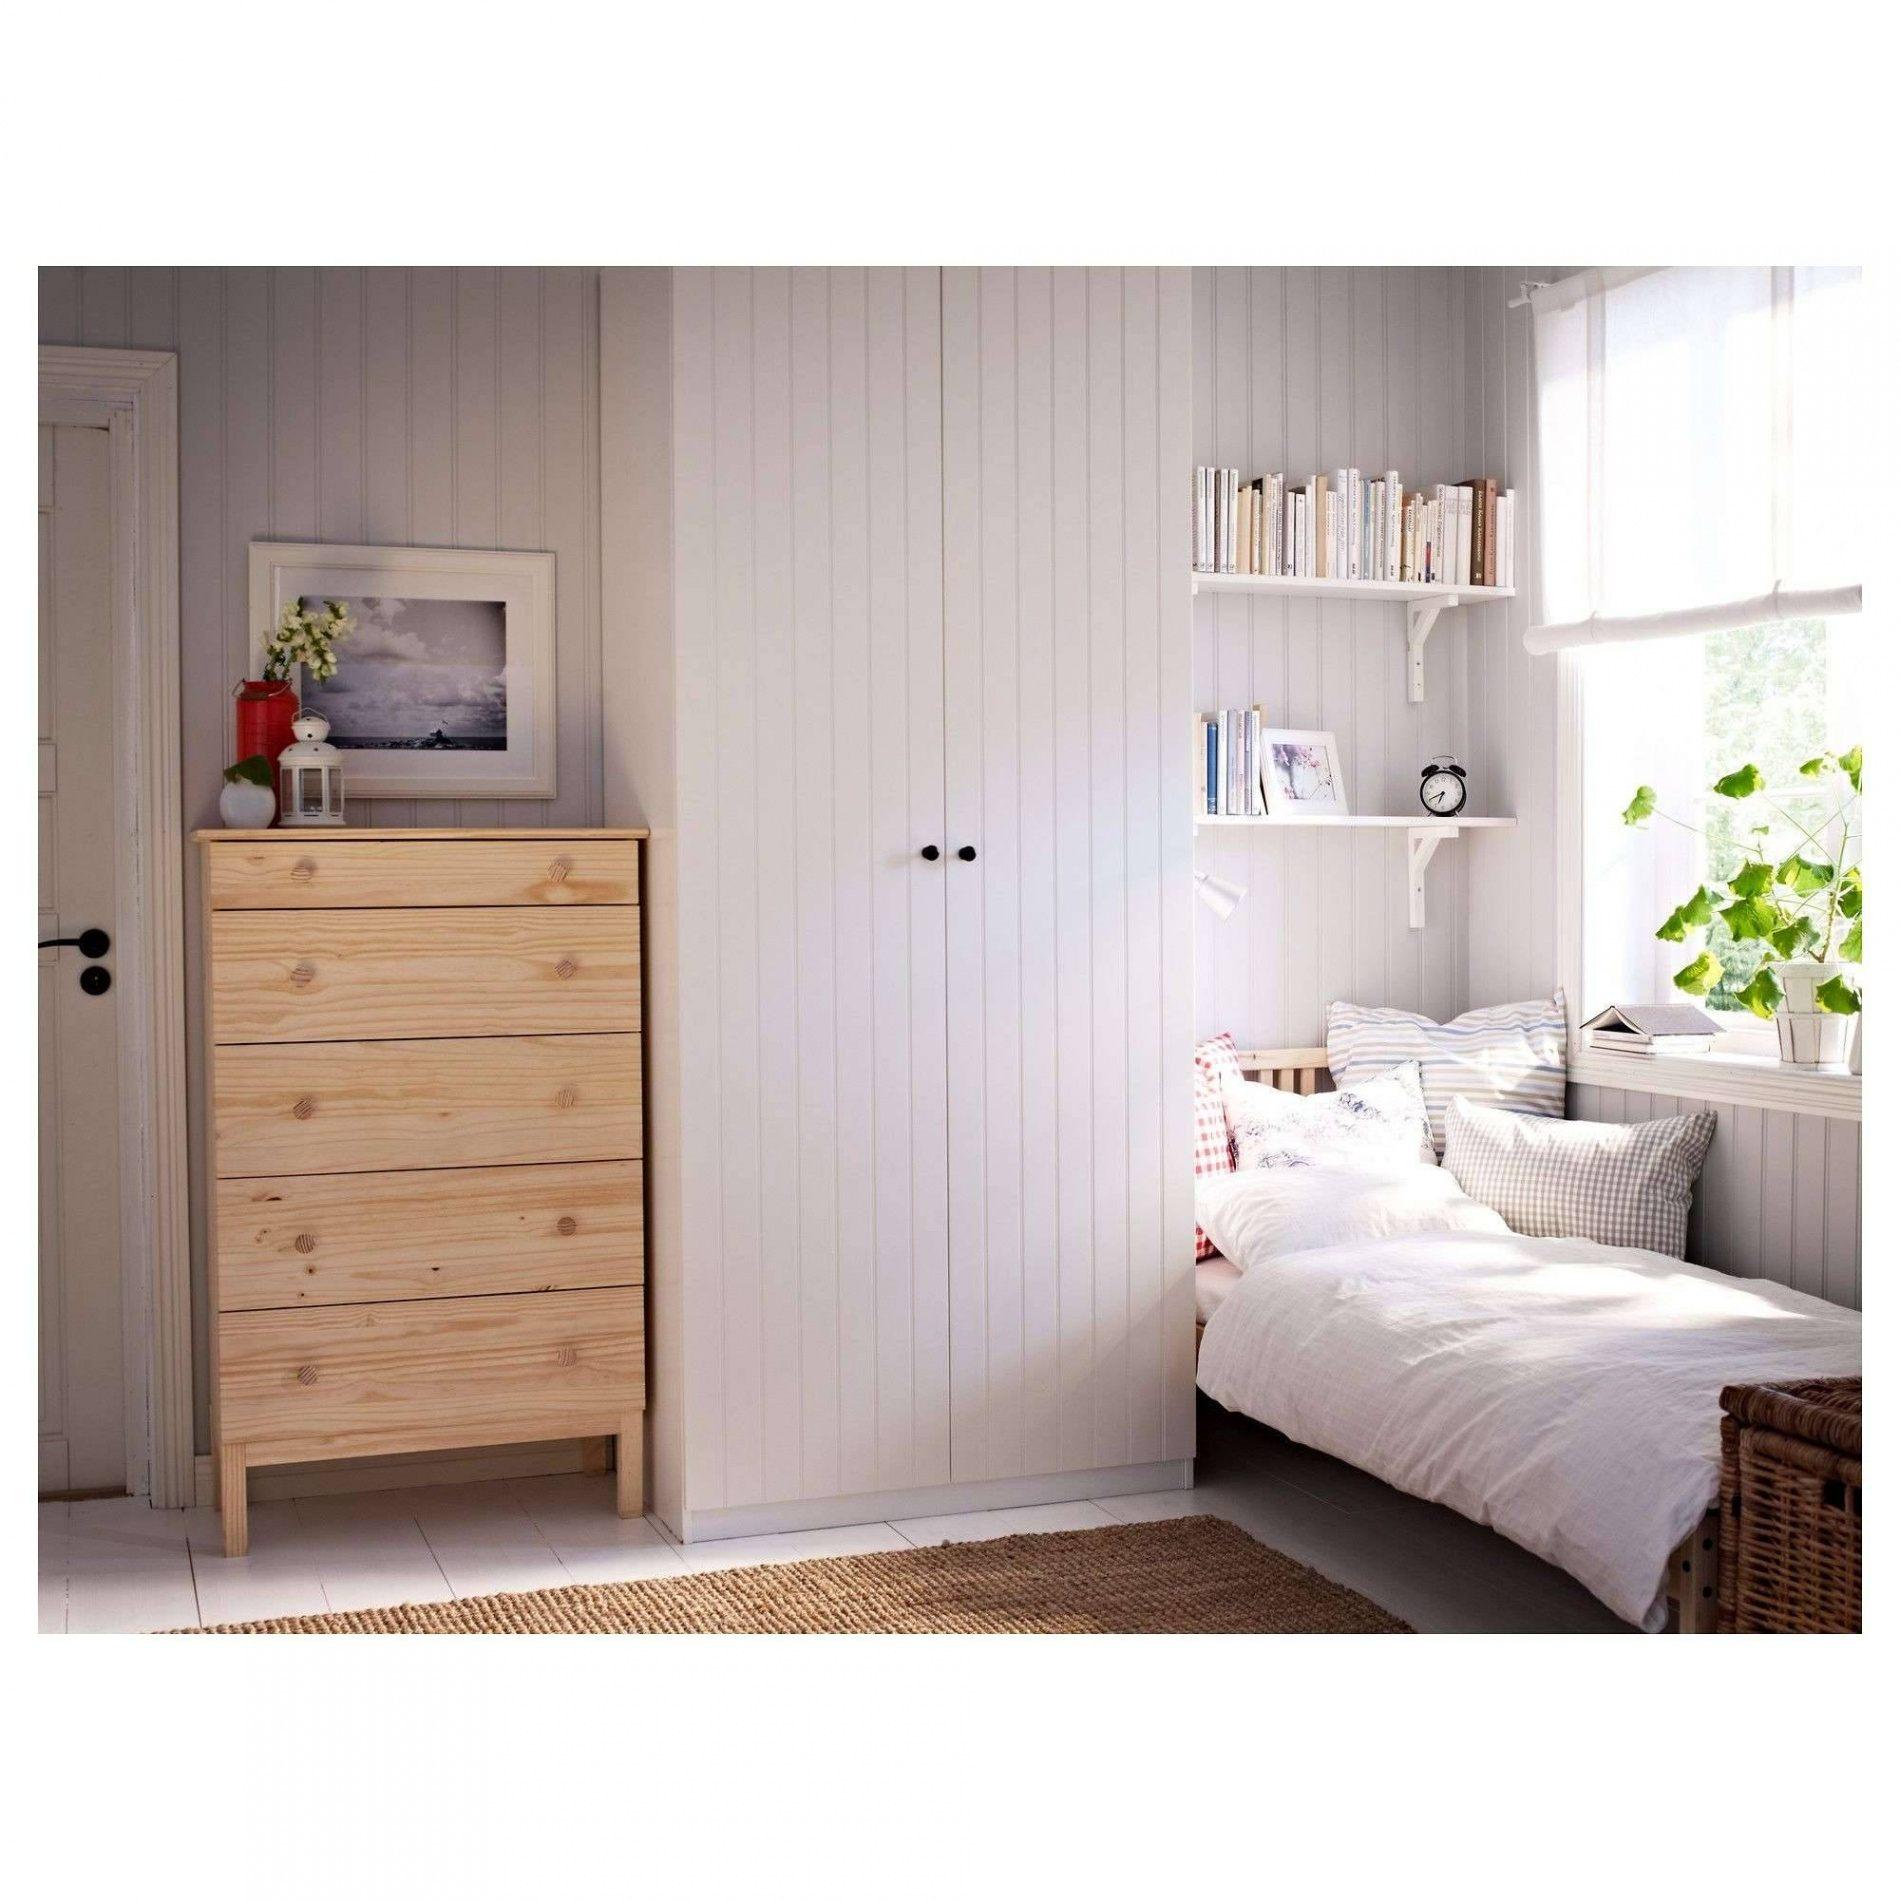 Tete De Lit 120 Cm ur Ikea élégant Stock Ikea Matelas 140 Tete